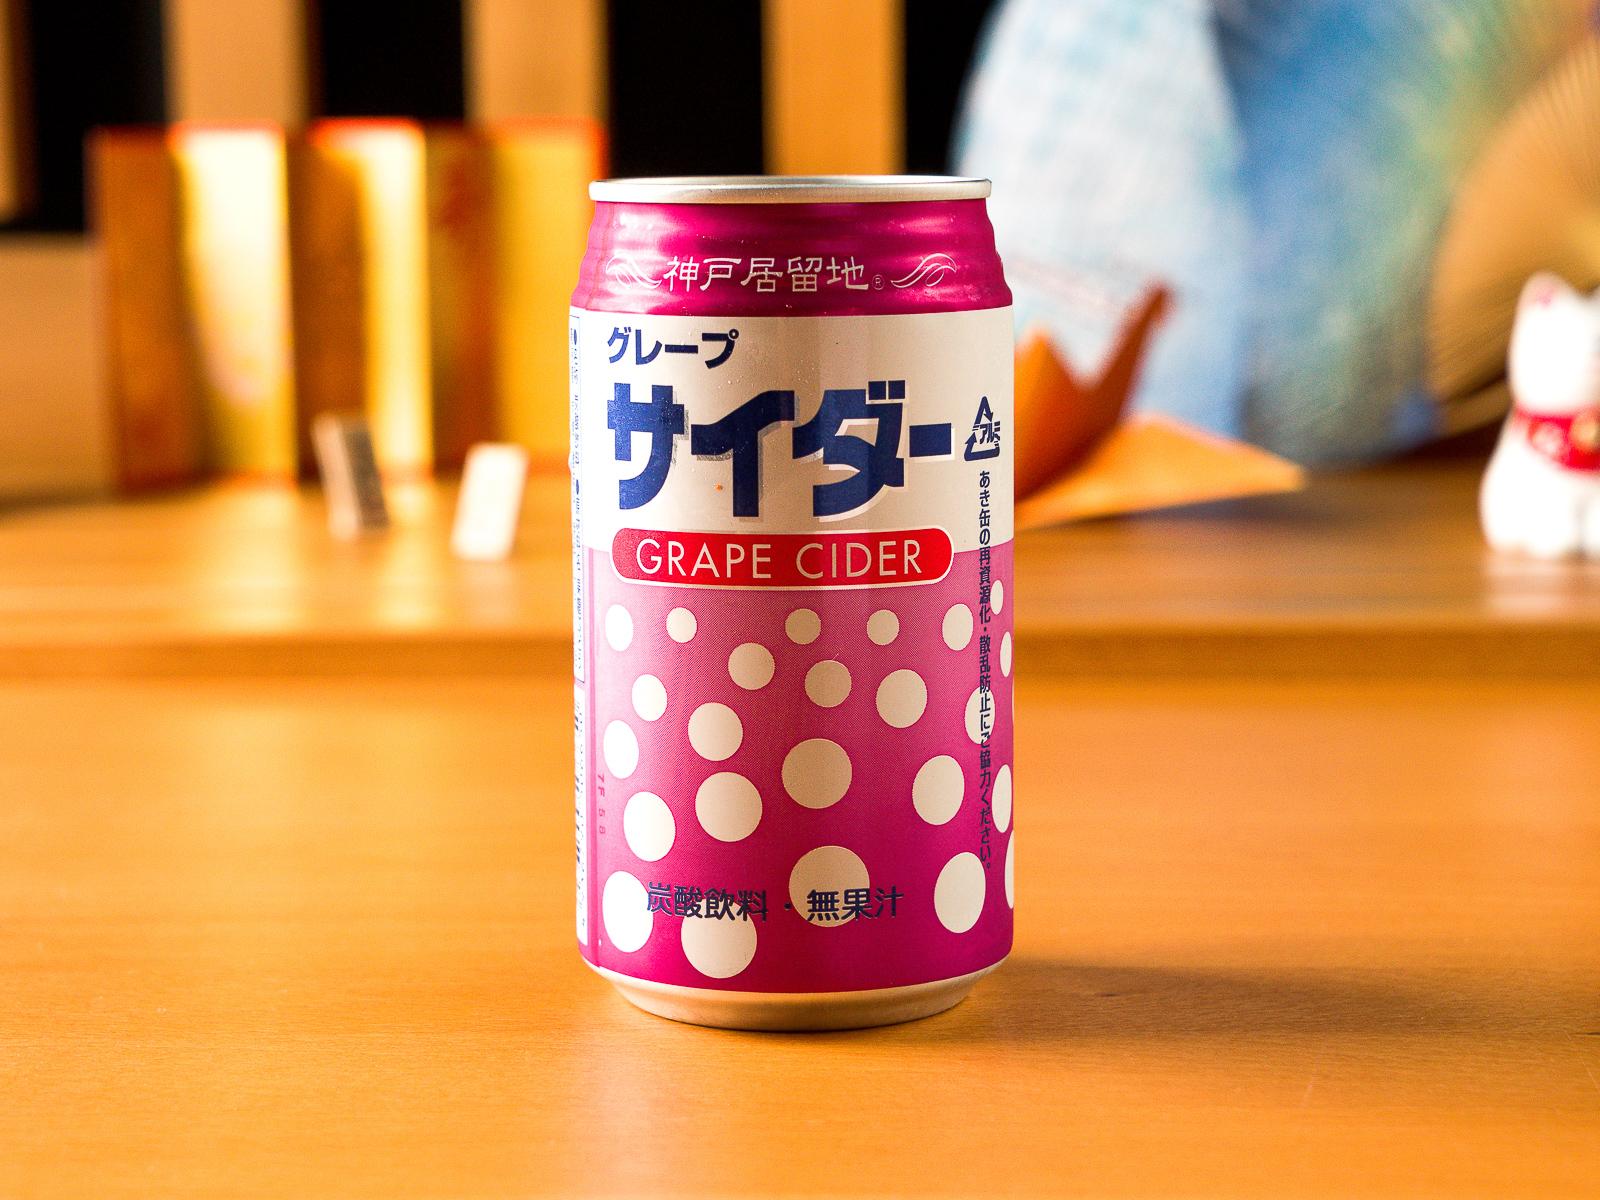 Японская газировка со вкусом винограда